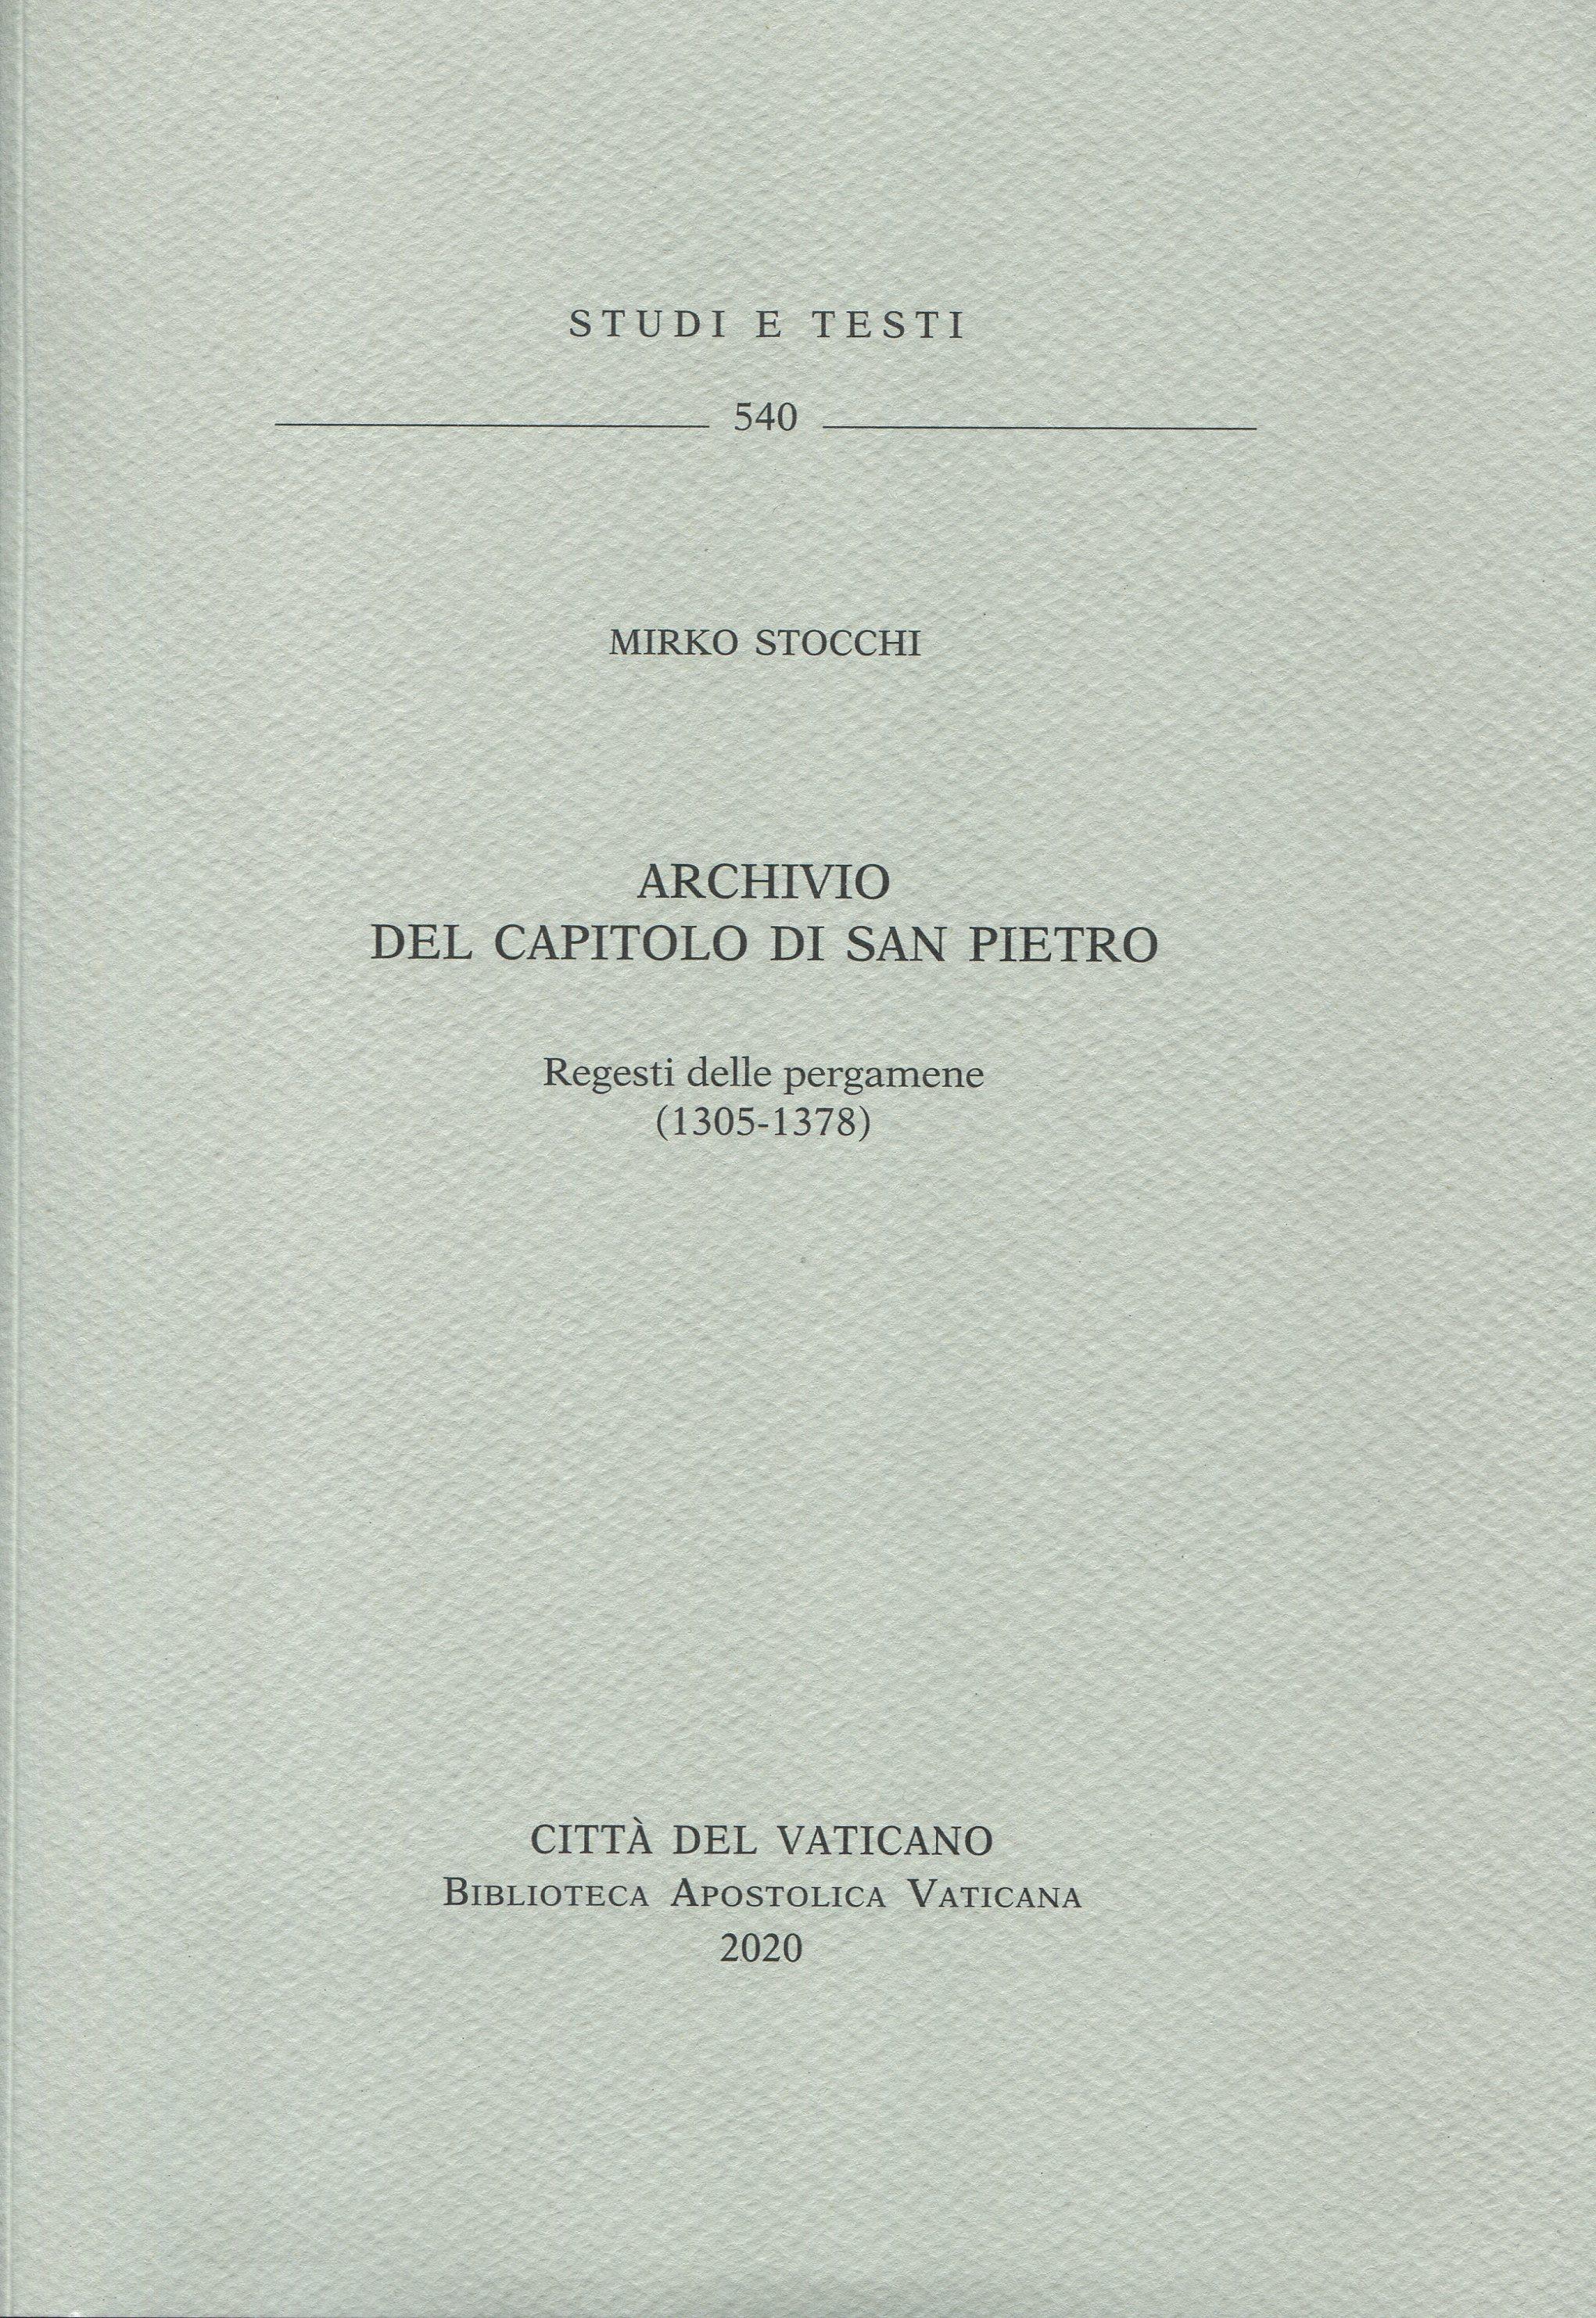 Archivio del Capitolo di San Pietro. Regesti delle pergamene (1305-1378).